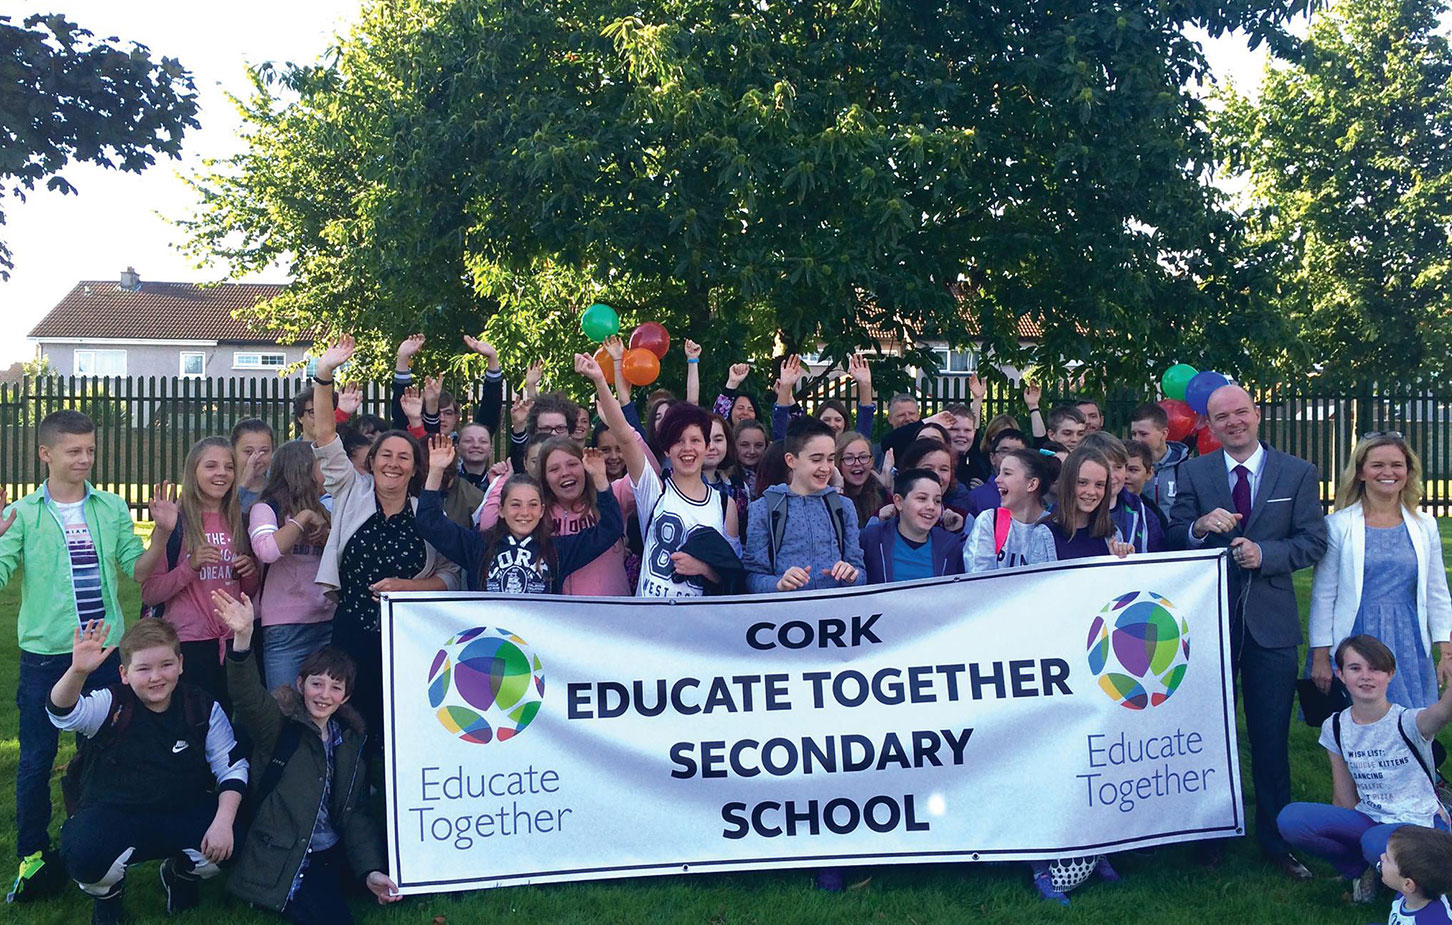 cork-educate-together-teaser